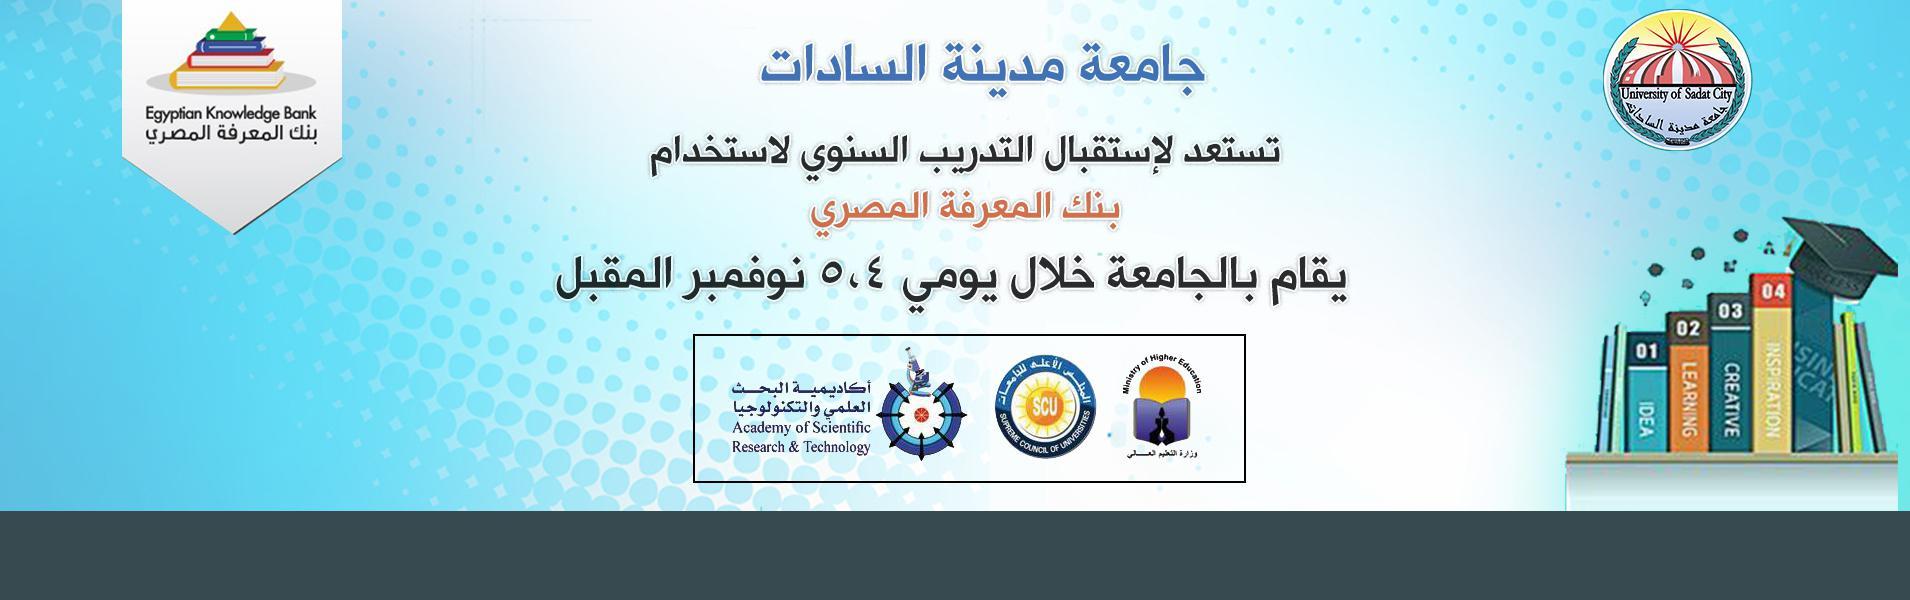 الجامعة تستعد لإستقبال التدريب السنوي لاستخدام بنك المعرفة المصري